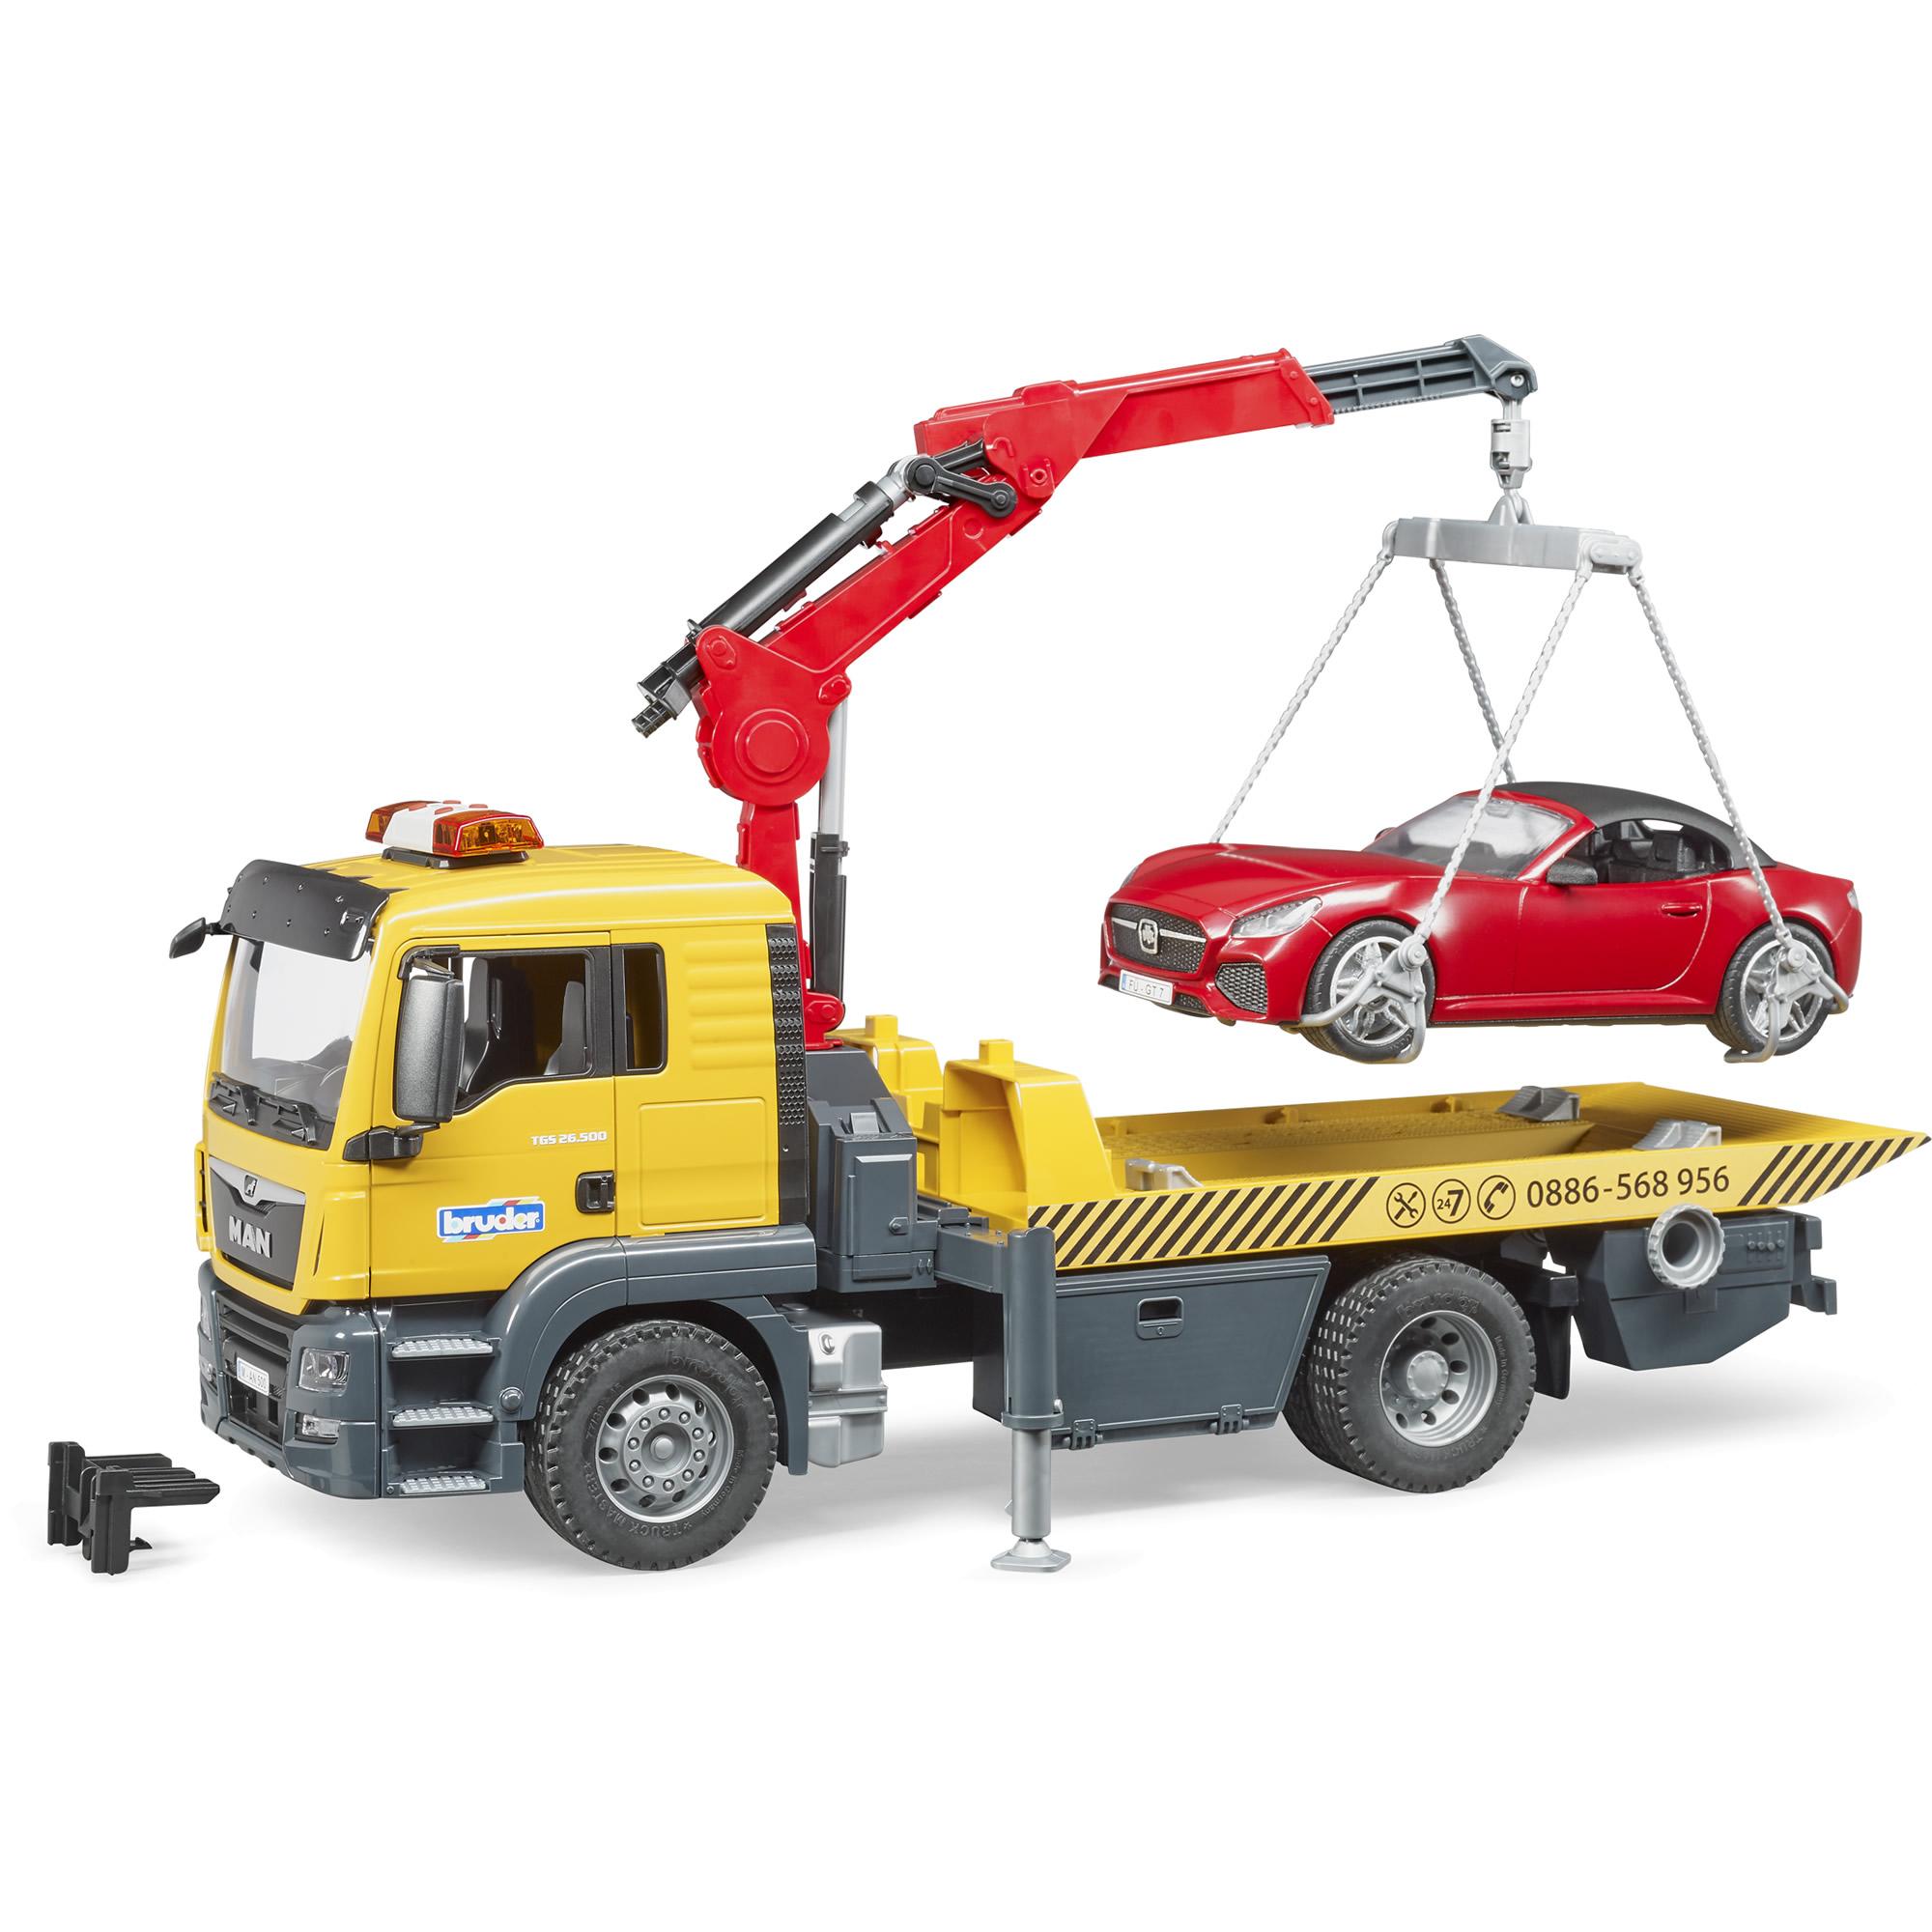 משאית גרר עם מנוף גוררת רכב ספורט רודסטר – BRUDER